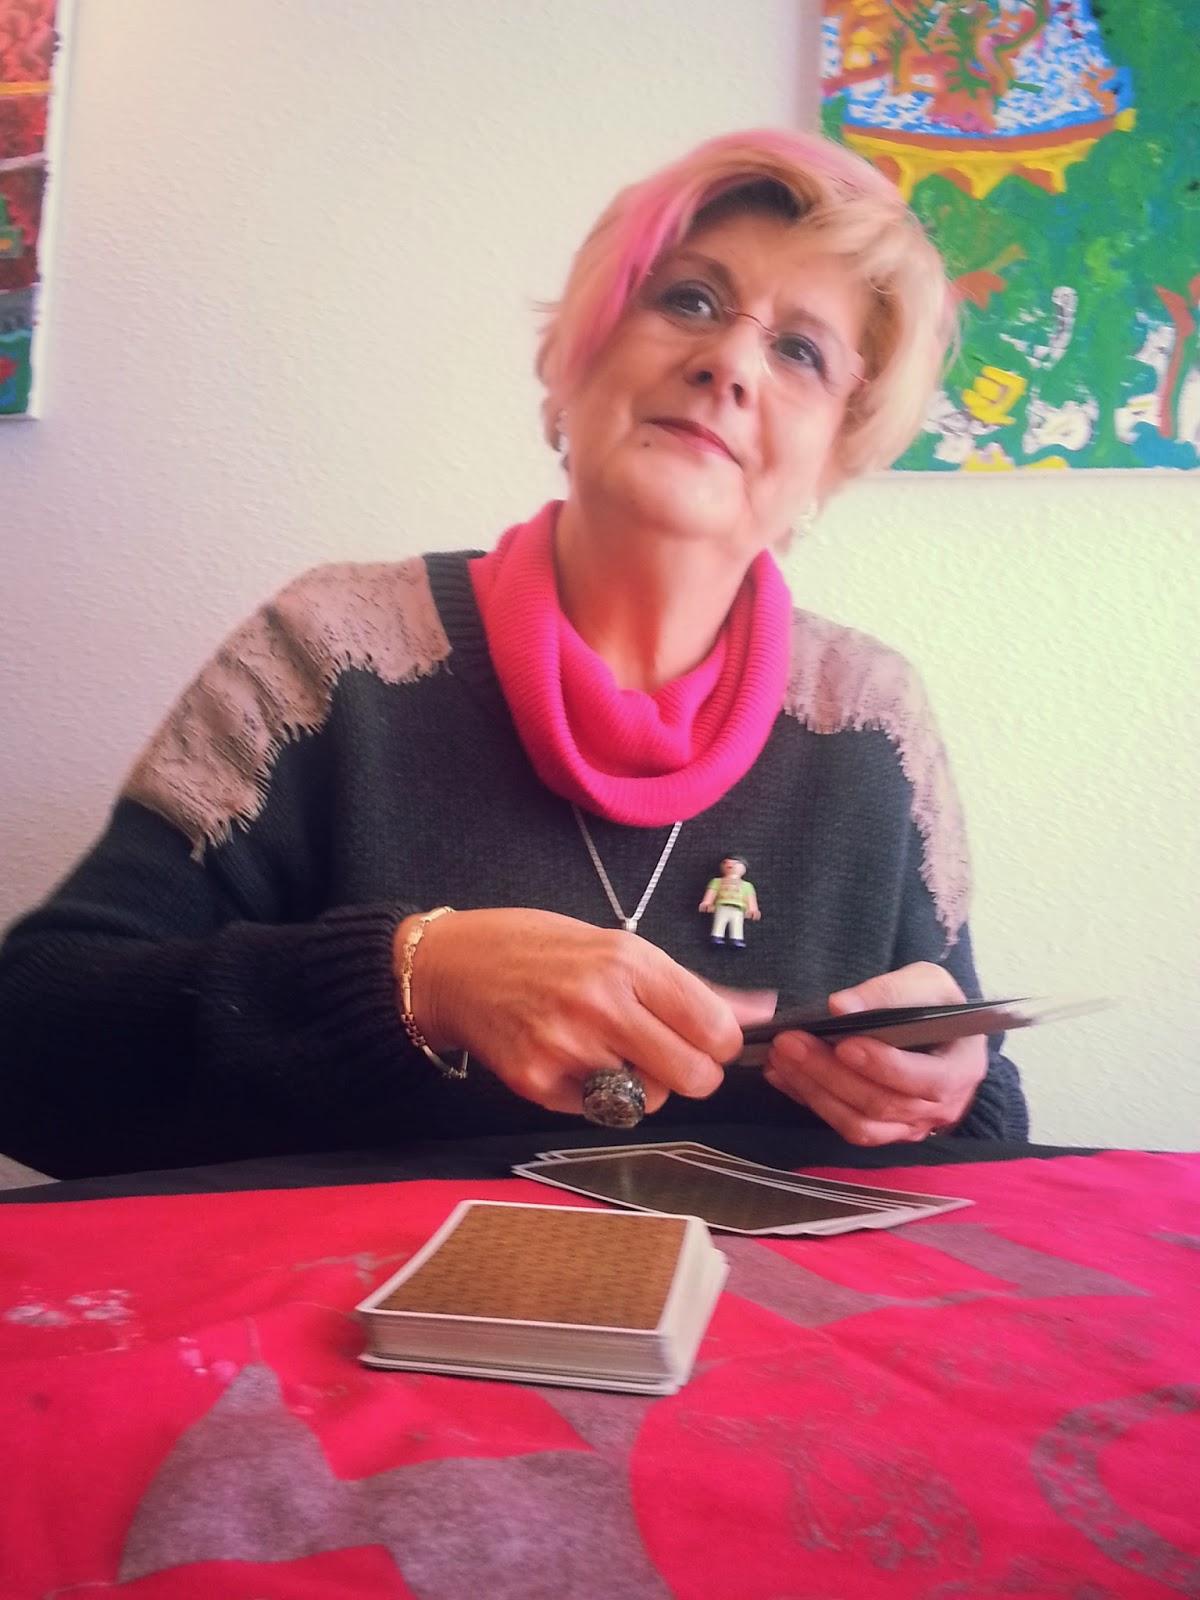 Consulta presencial videncia María Luisa Martín Vargas